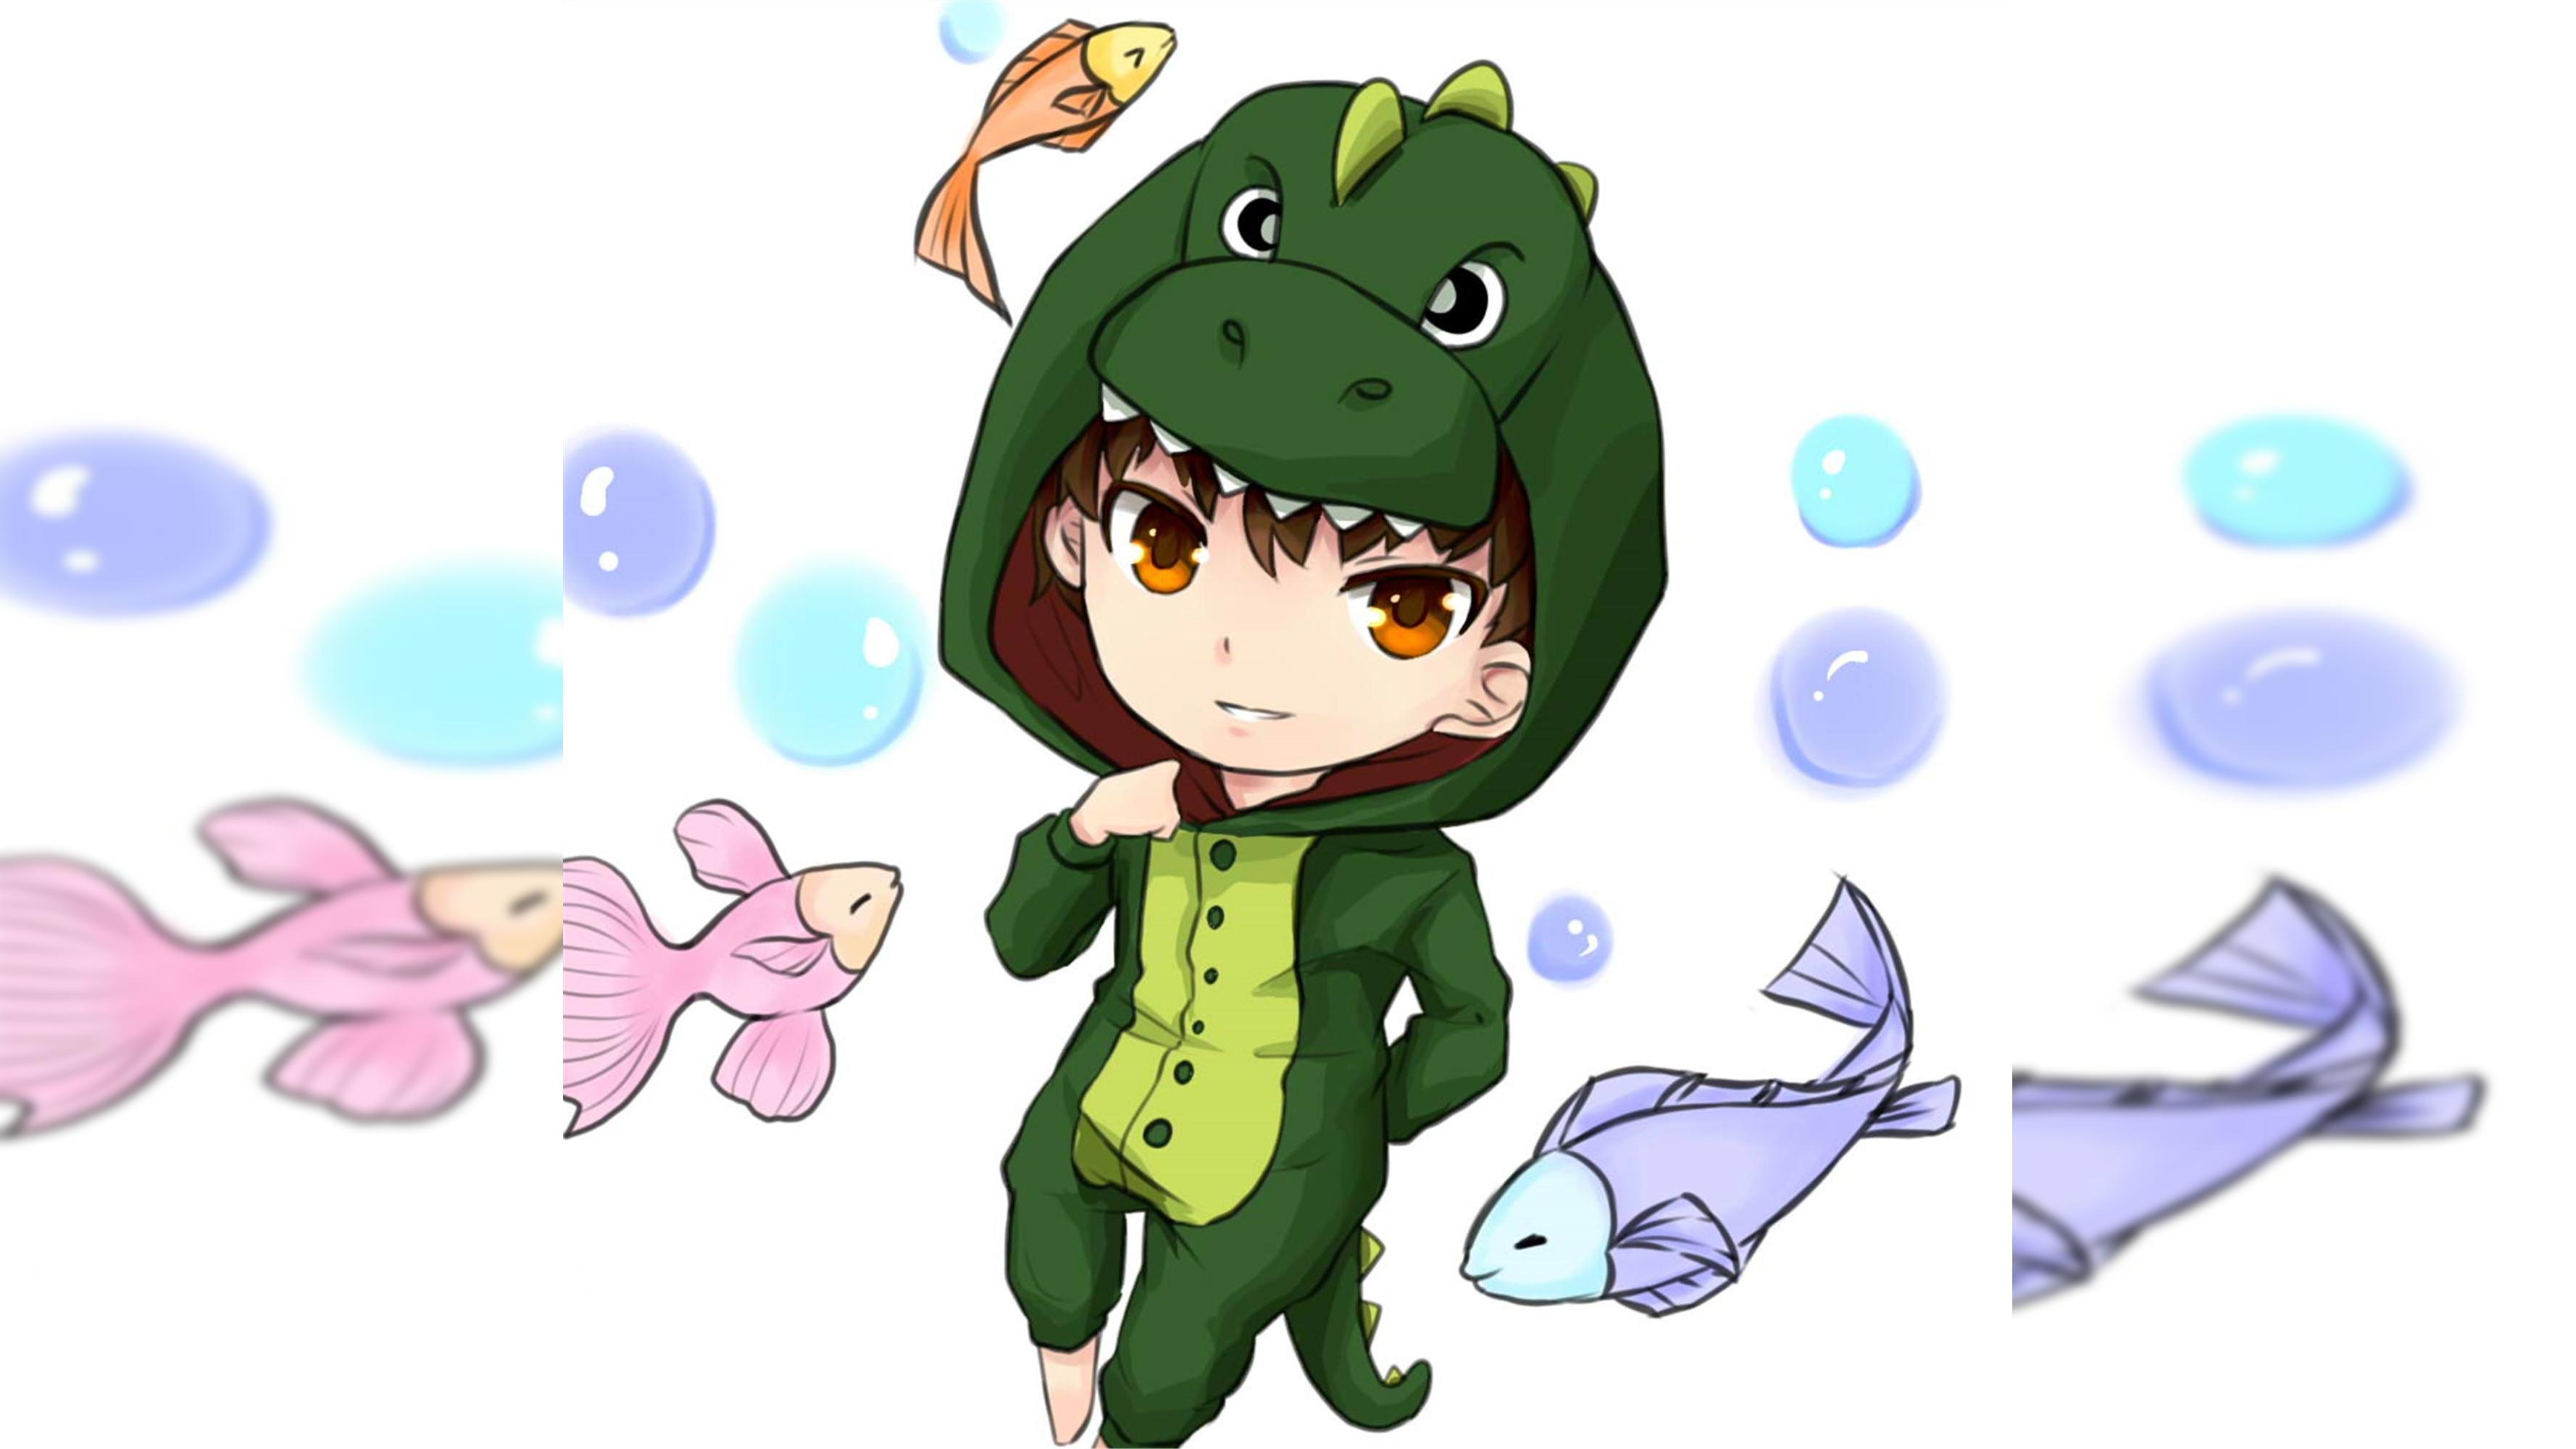 鲤鱼Ace